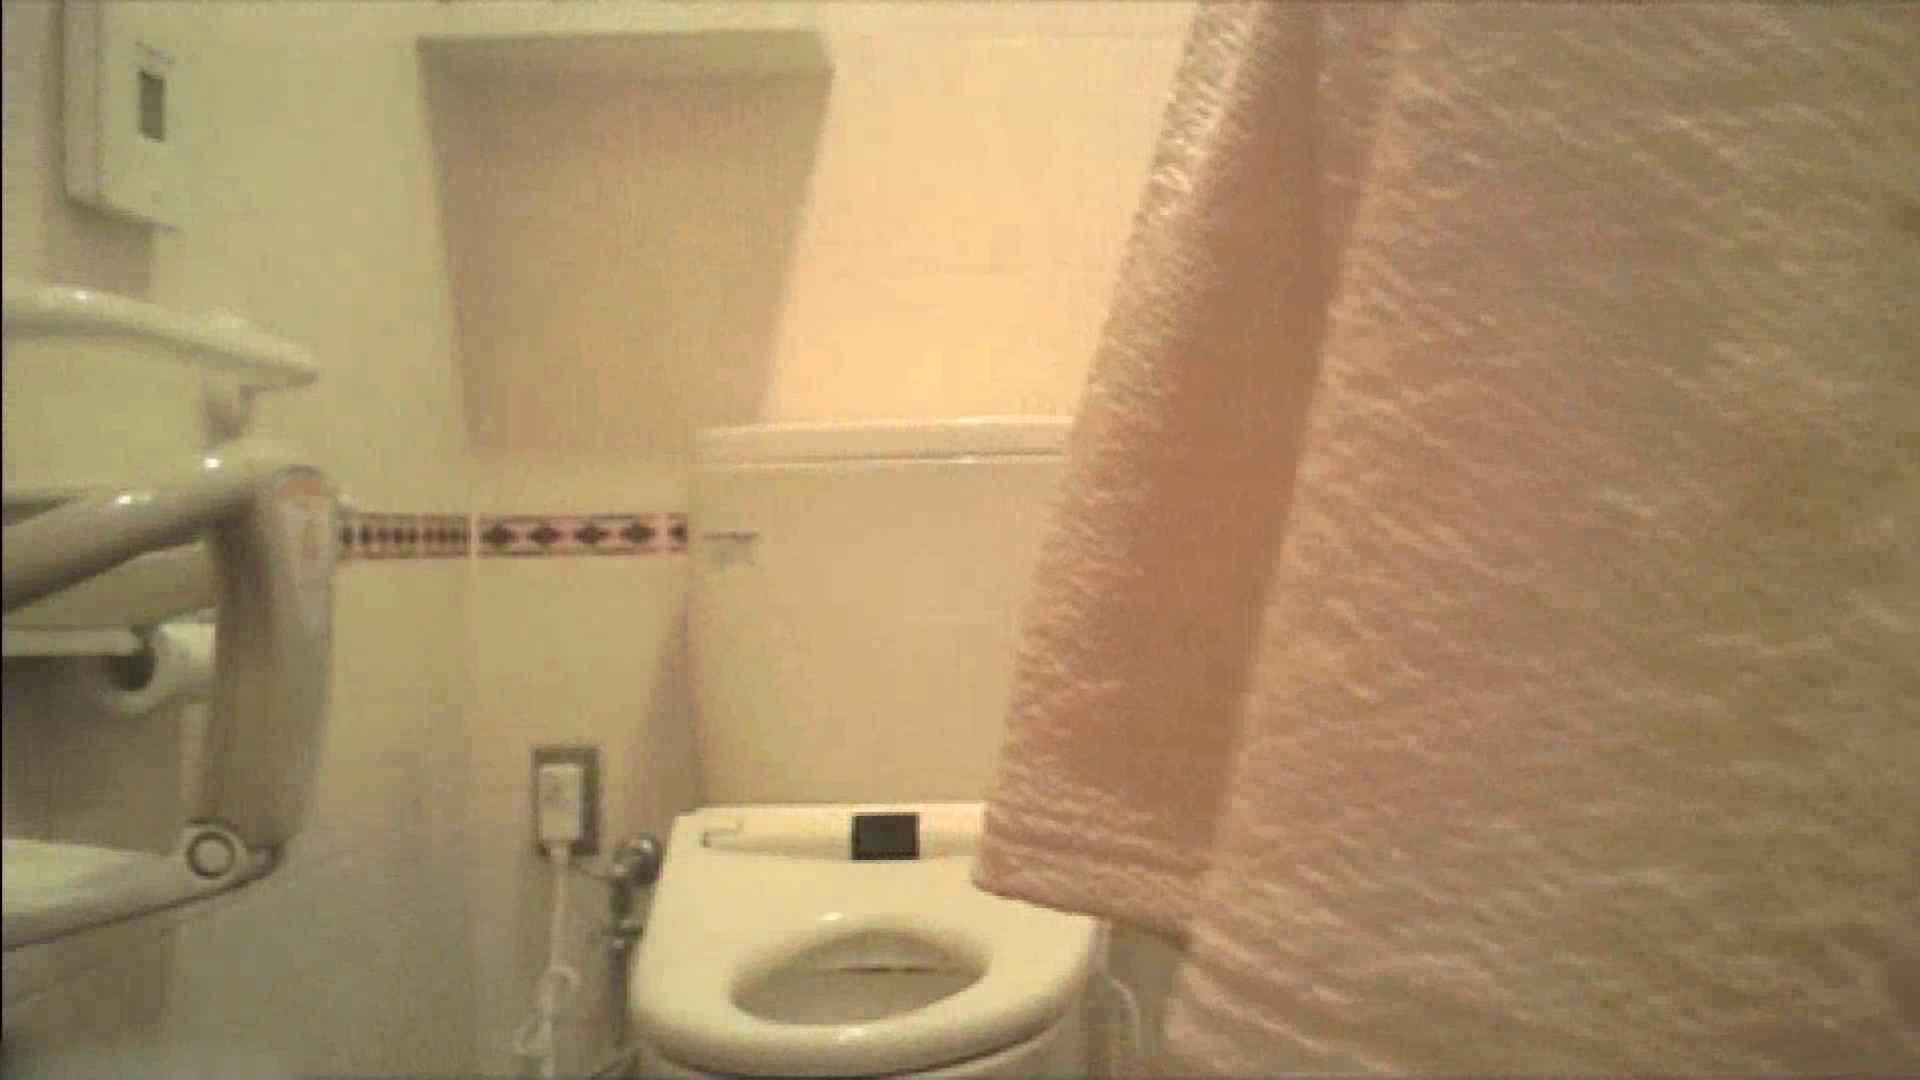 実録!!綺麗なお姉さんのトイレ事情・・・。vol.18 お姉さんのエッチ | OLヌード天国  104PIX 69